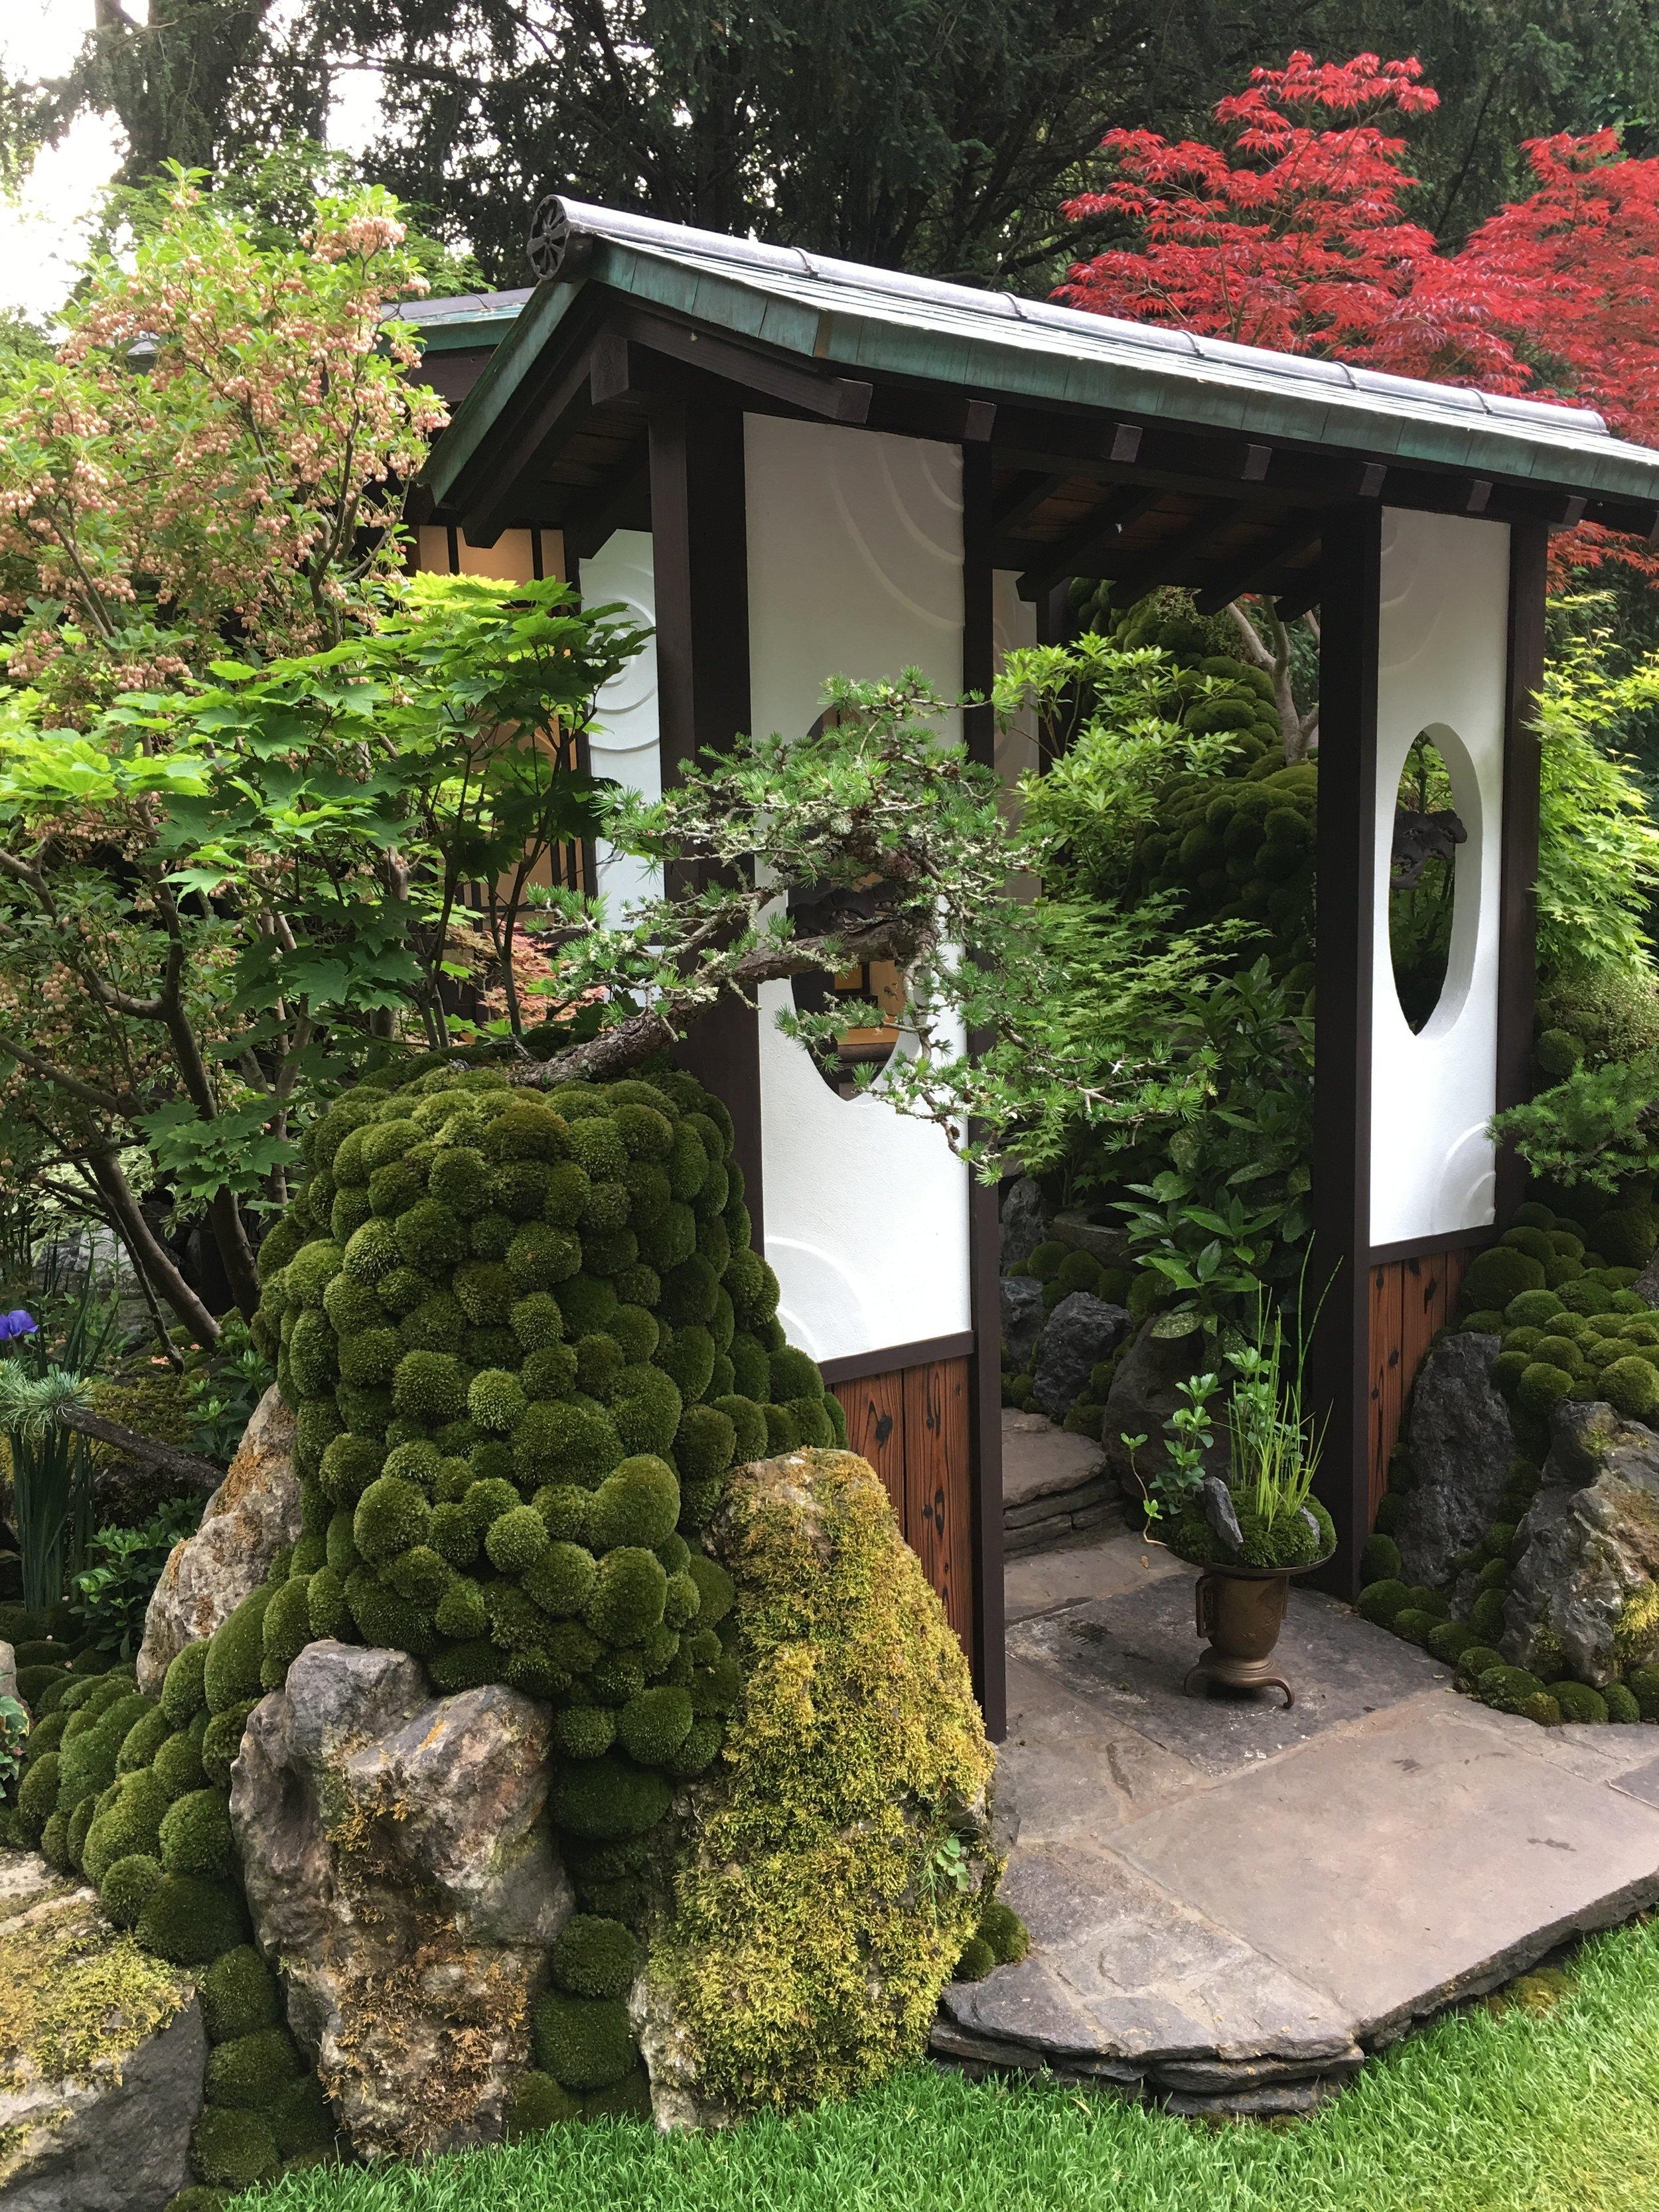 The Hospitality garden